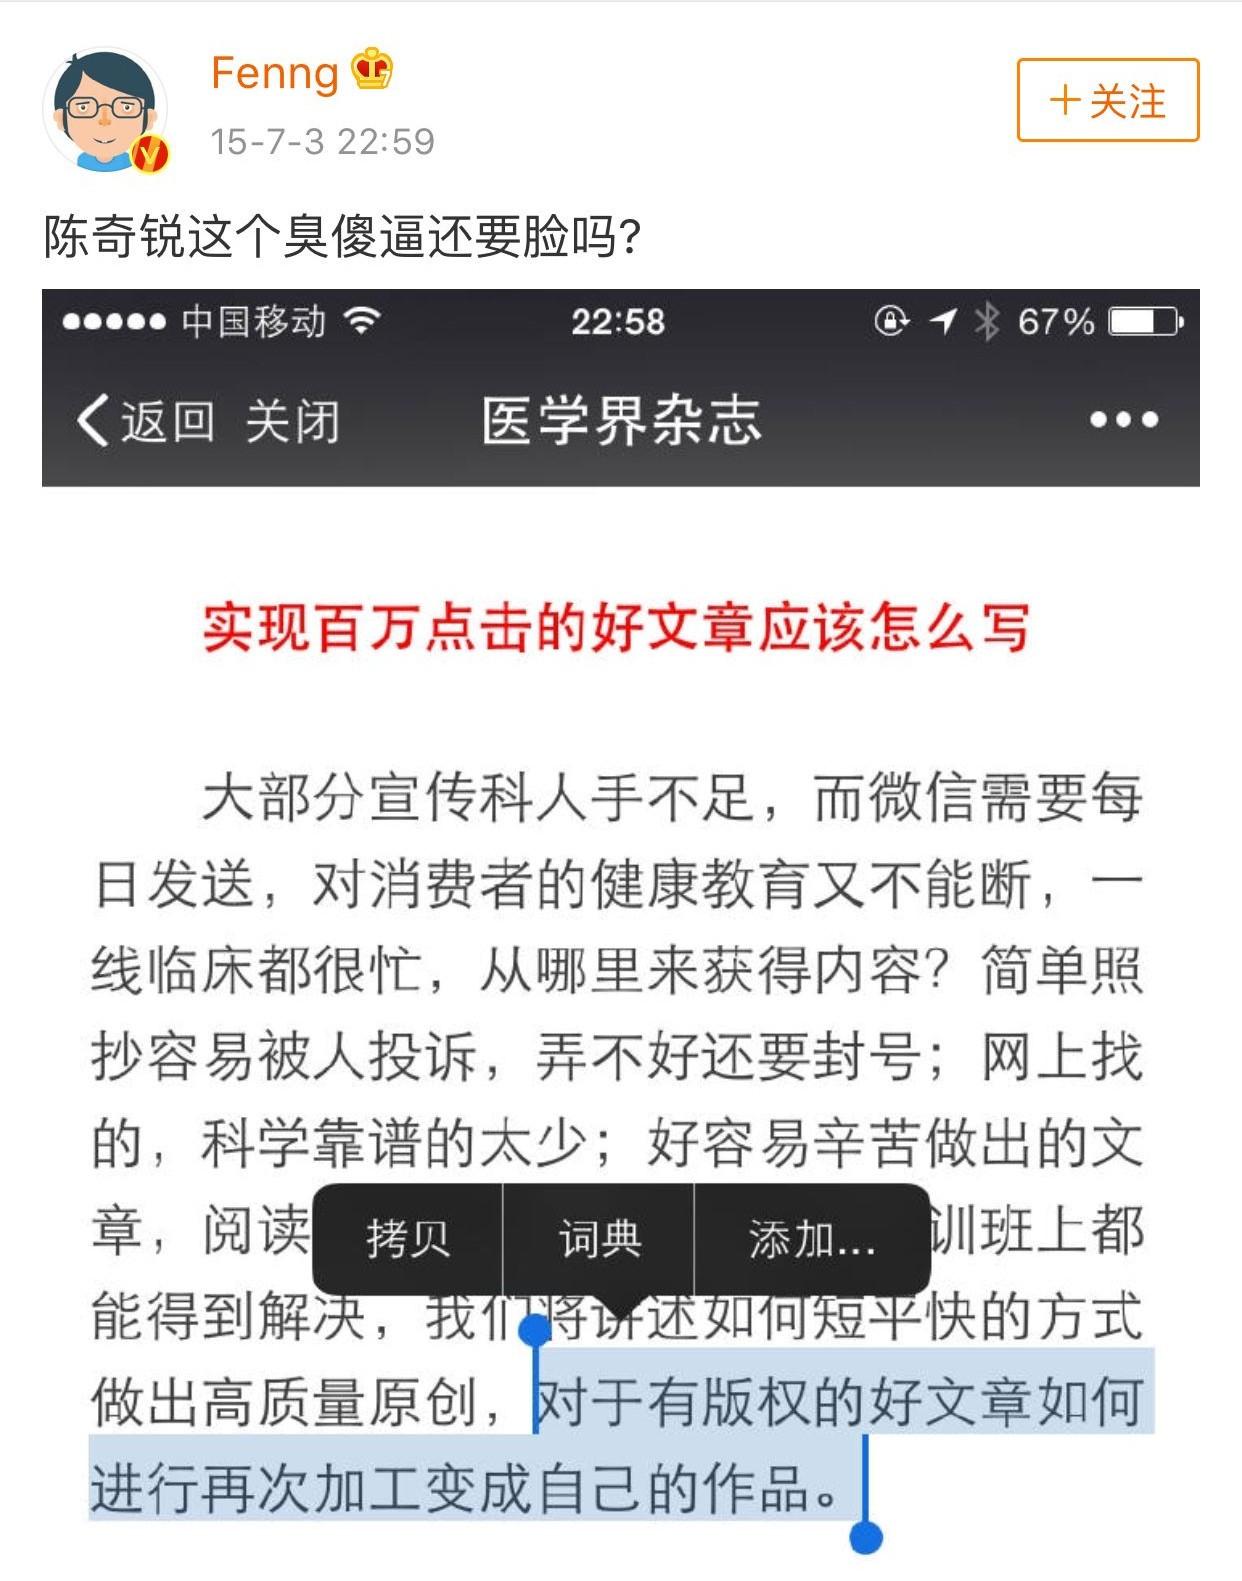 在中国,做一个知名医学网站的老总应该有什么样的节操?